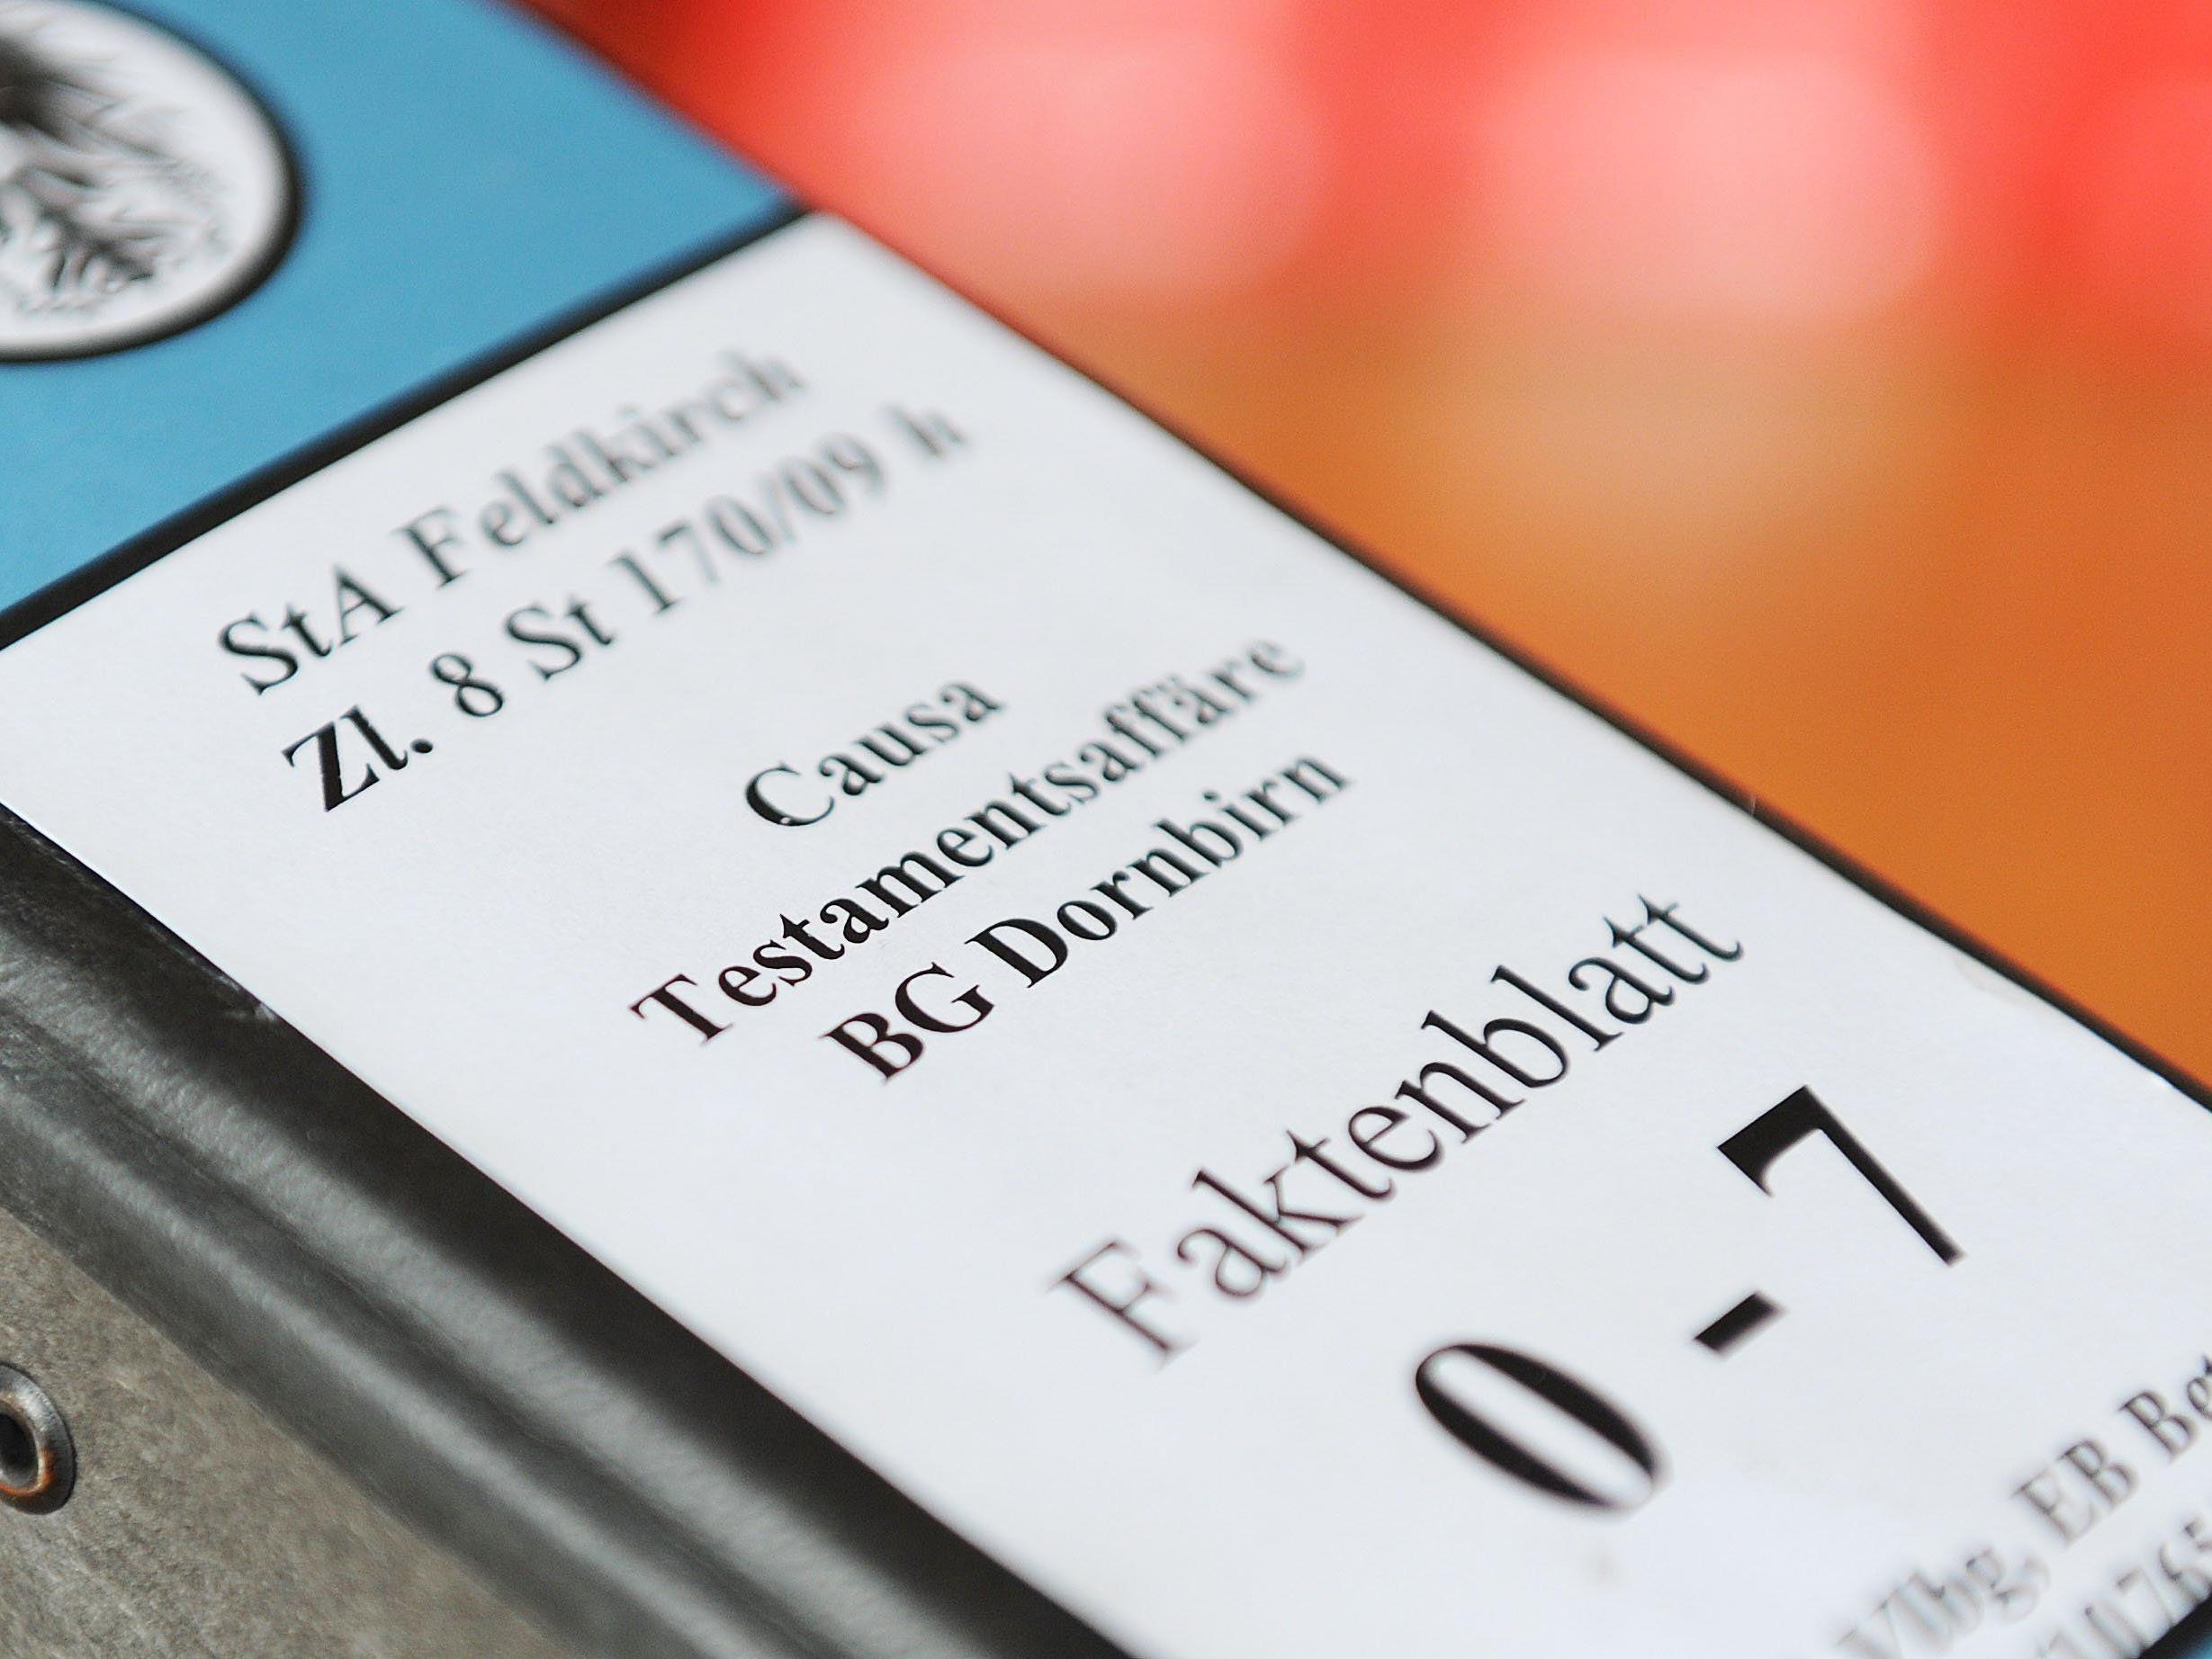 Testamentsaffäre: Schadensersatzzahlungen von knapp 180.000 Euro